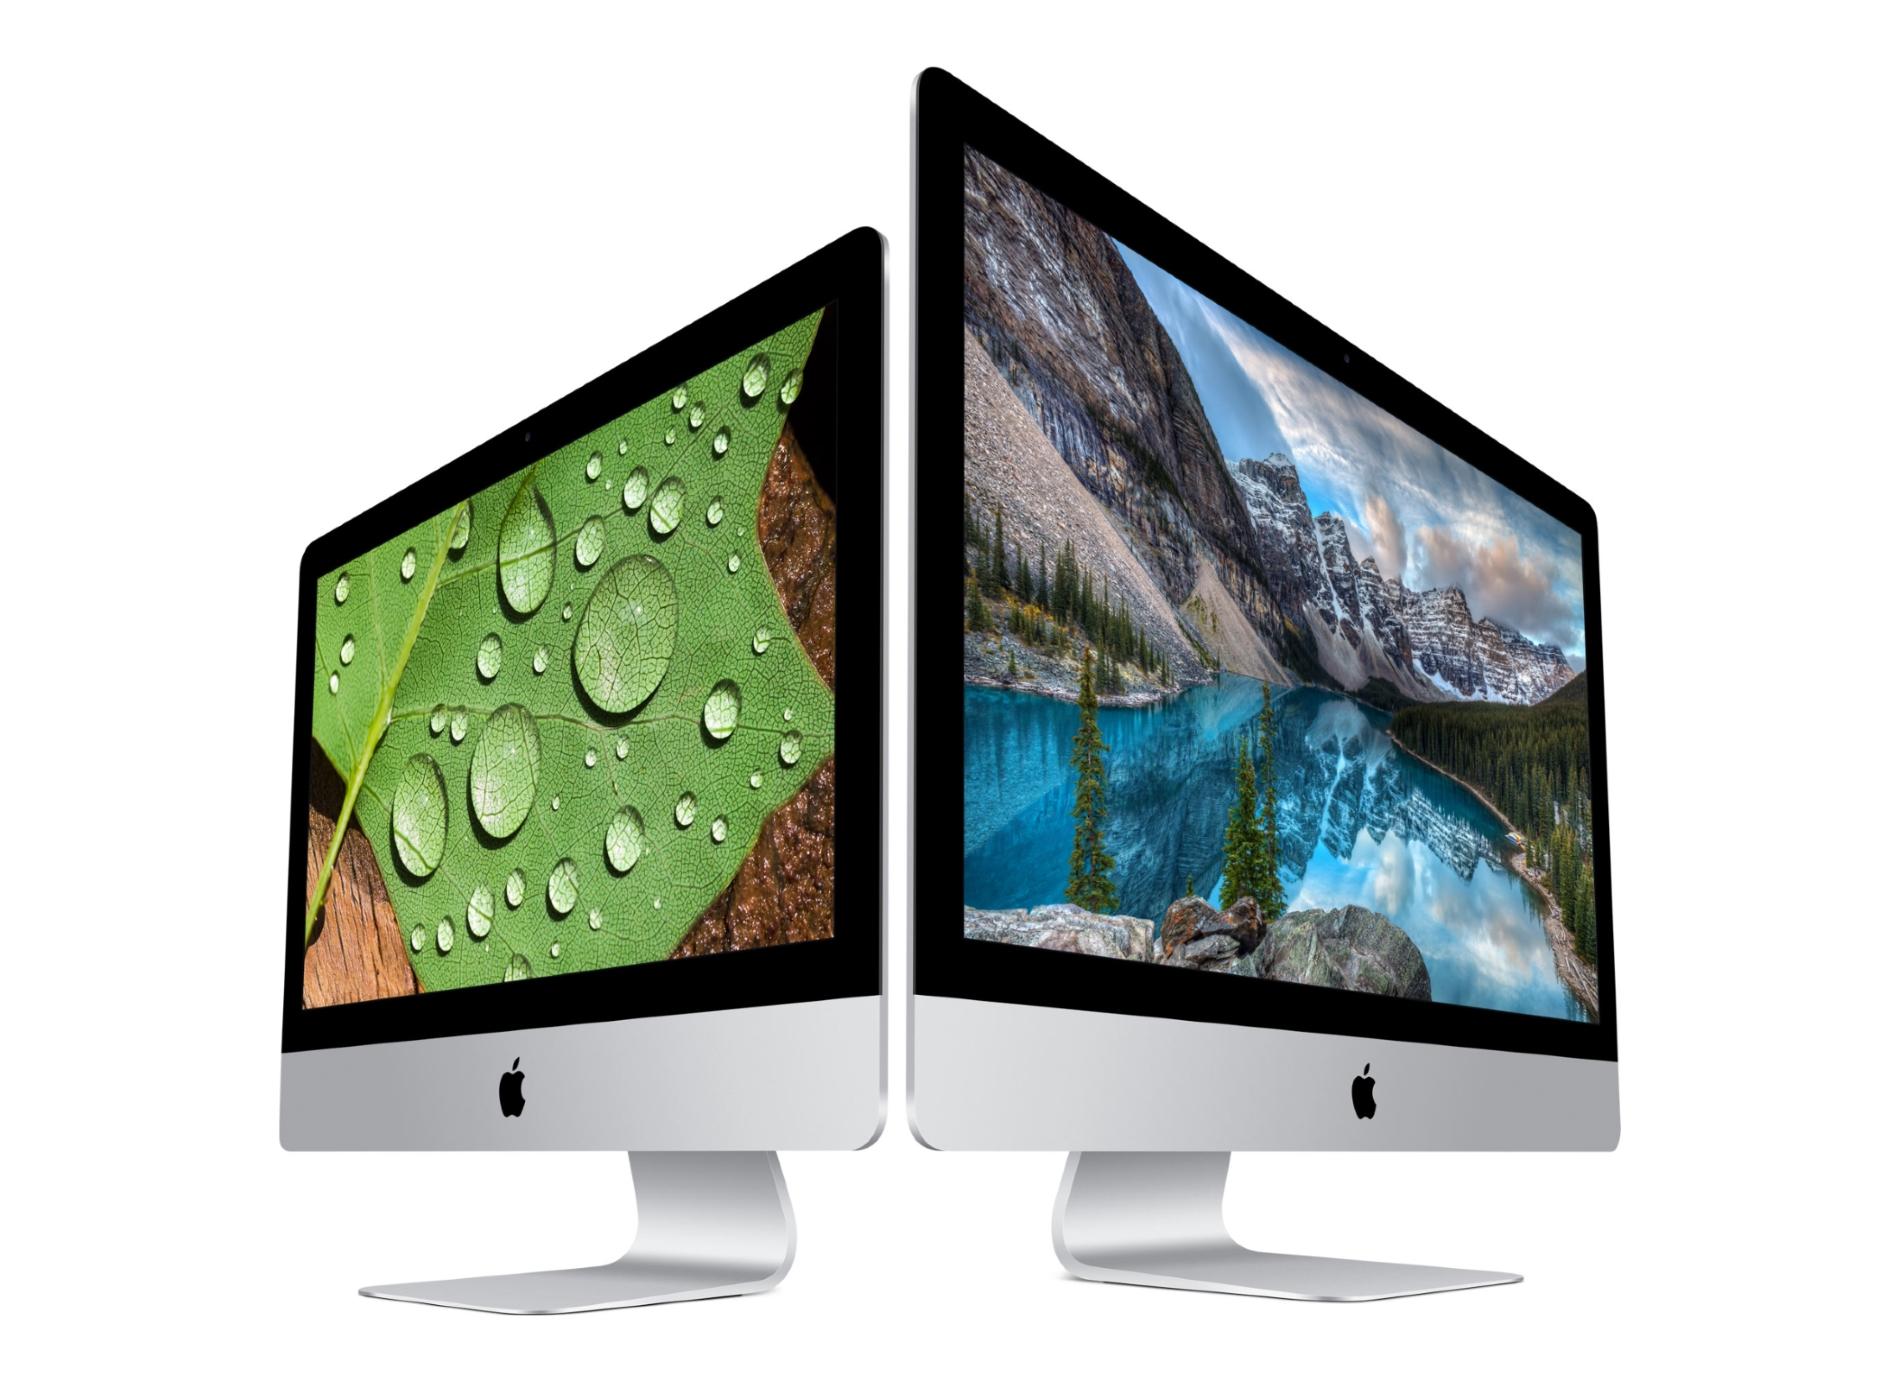 Le design actuel des iMac